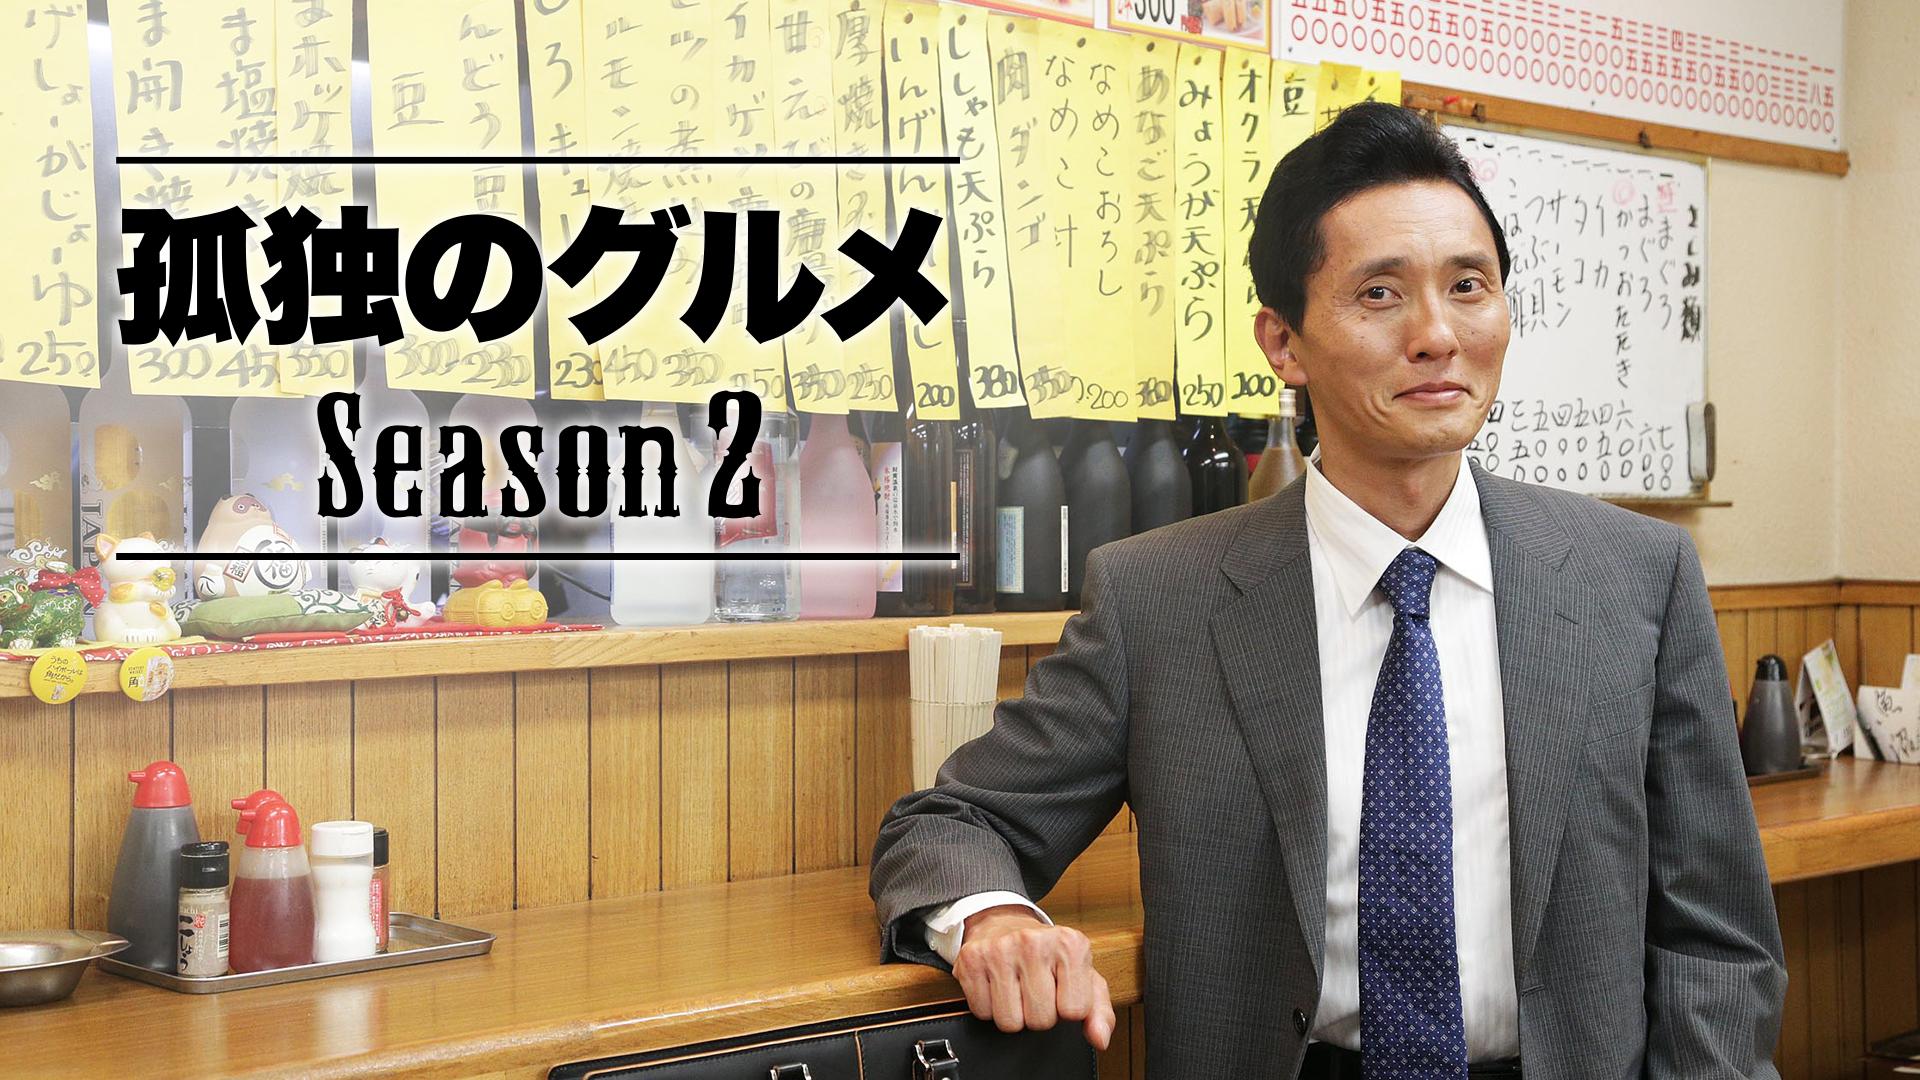 孤独のグルメ Season2の動画 - 孤独のグルメ 大晦日スペシャル~食べ納め!瀬戸内出張編~